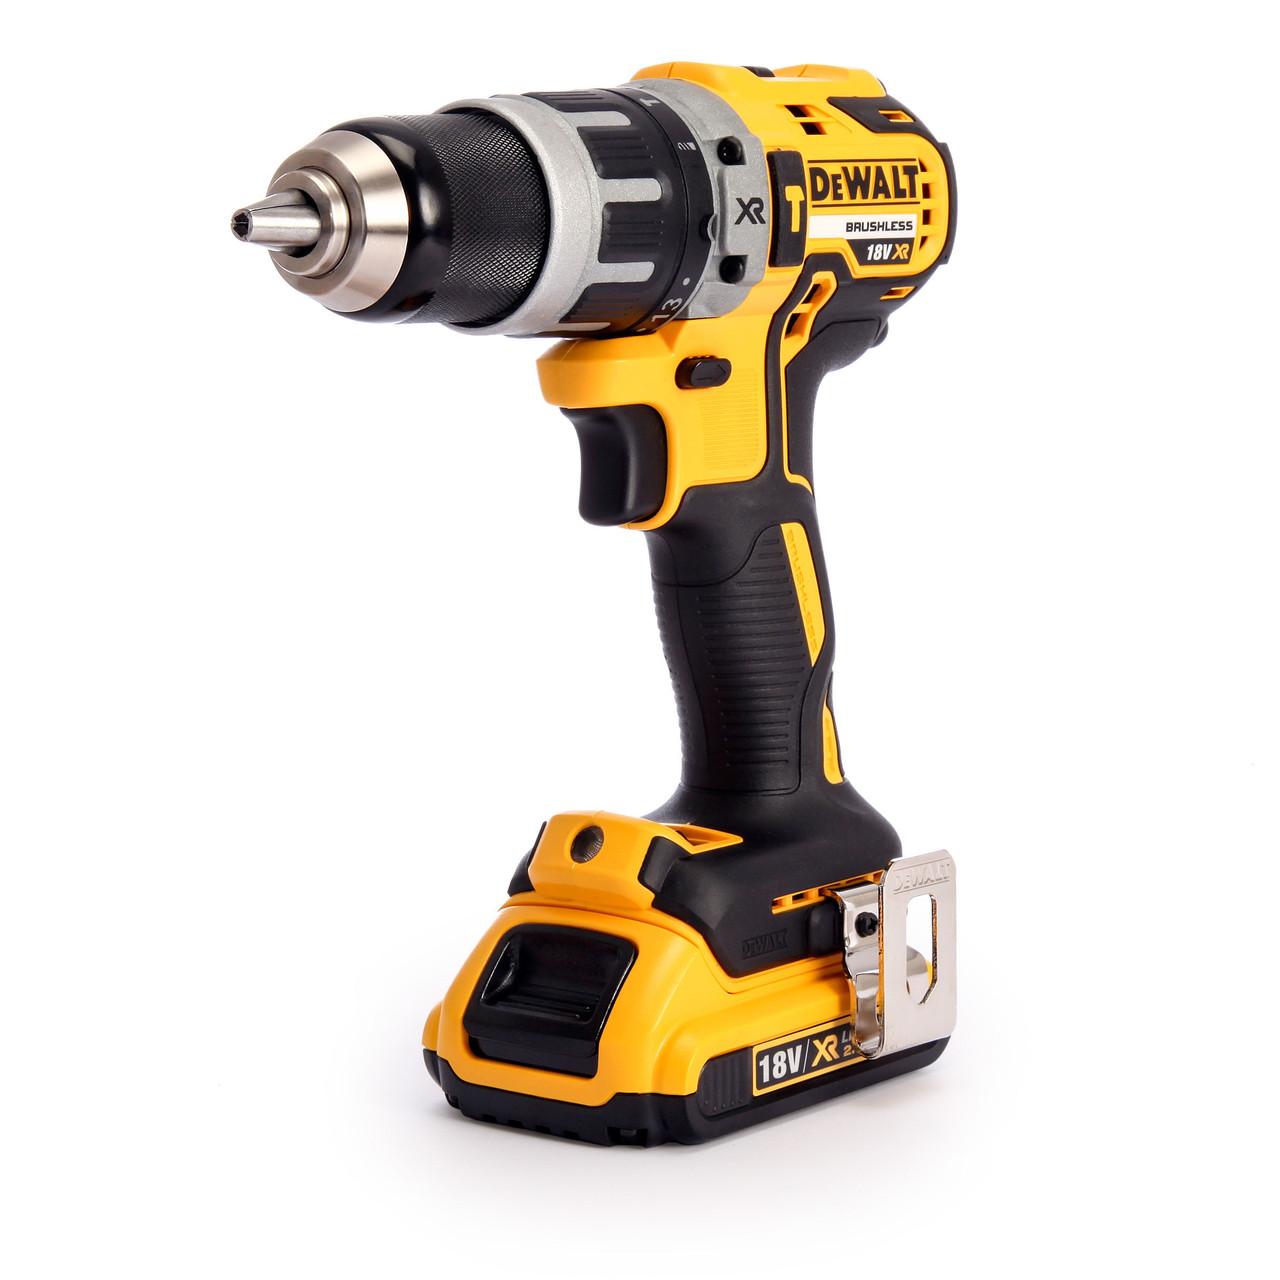 DeWalt DCD796P2 18V BRUSHLESS Combi Drill 2x 5.0Ah XR Li